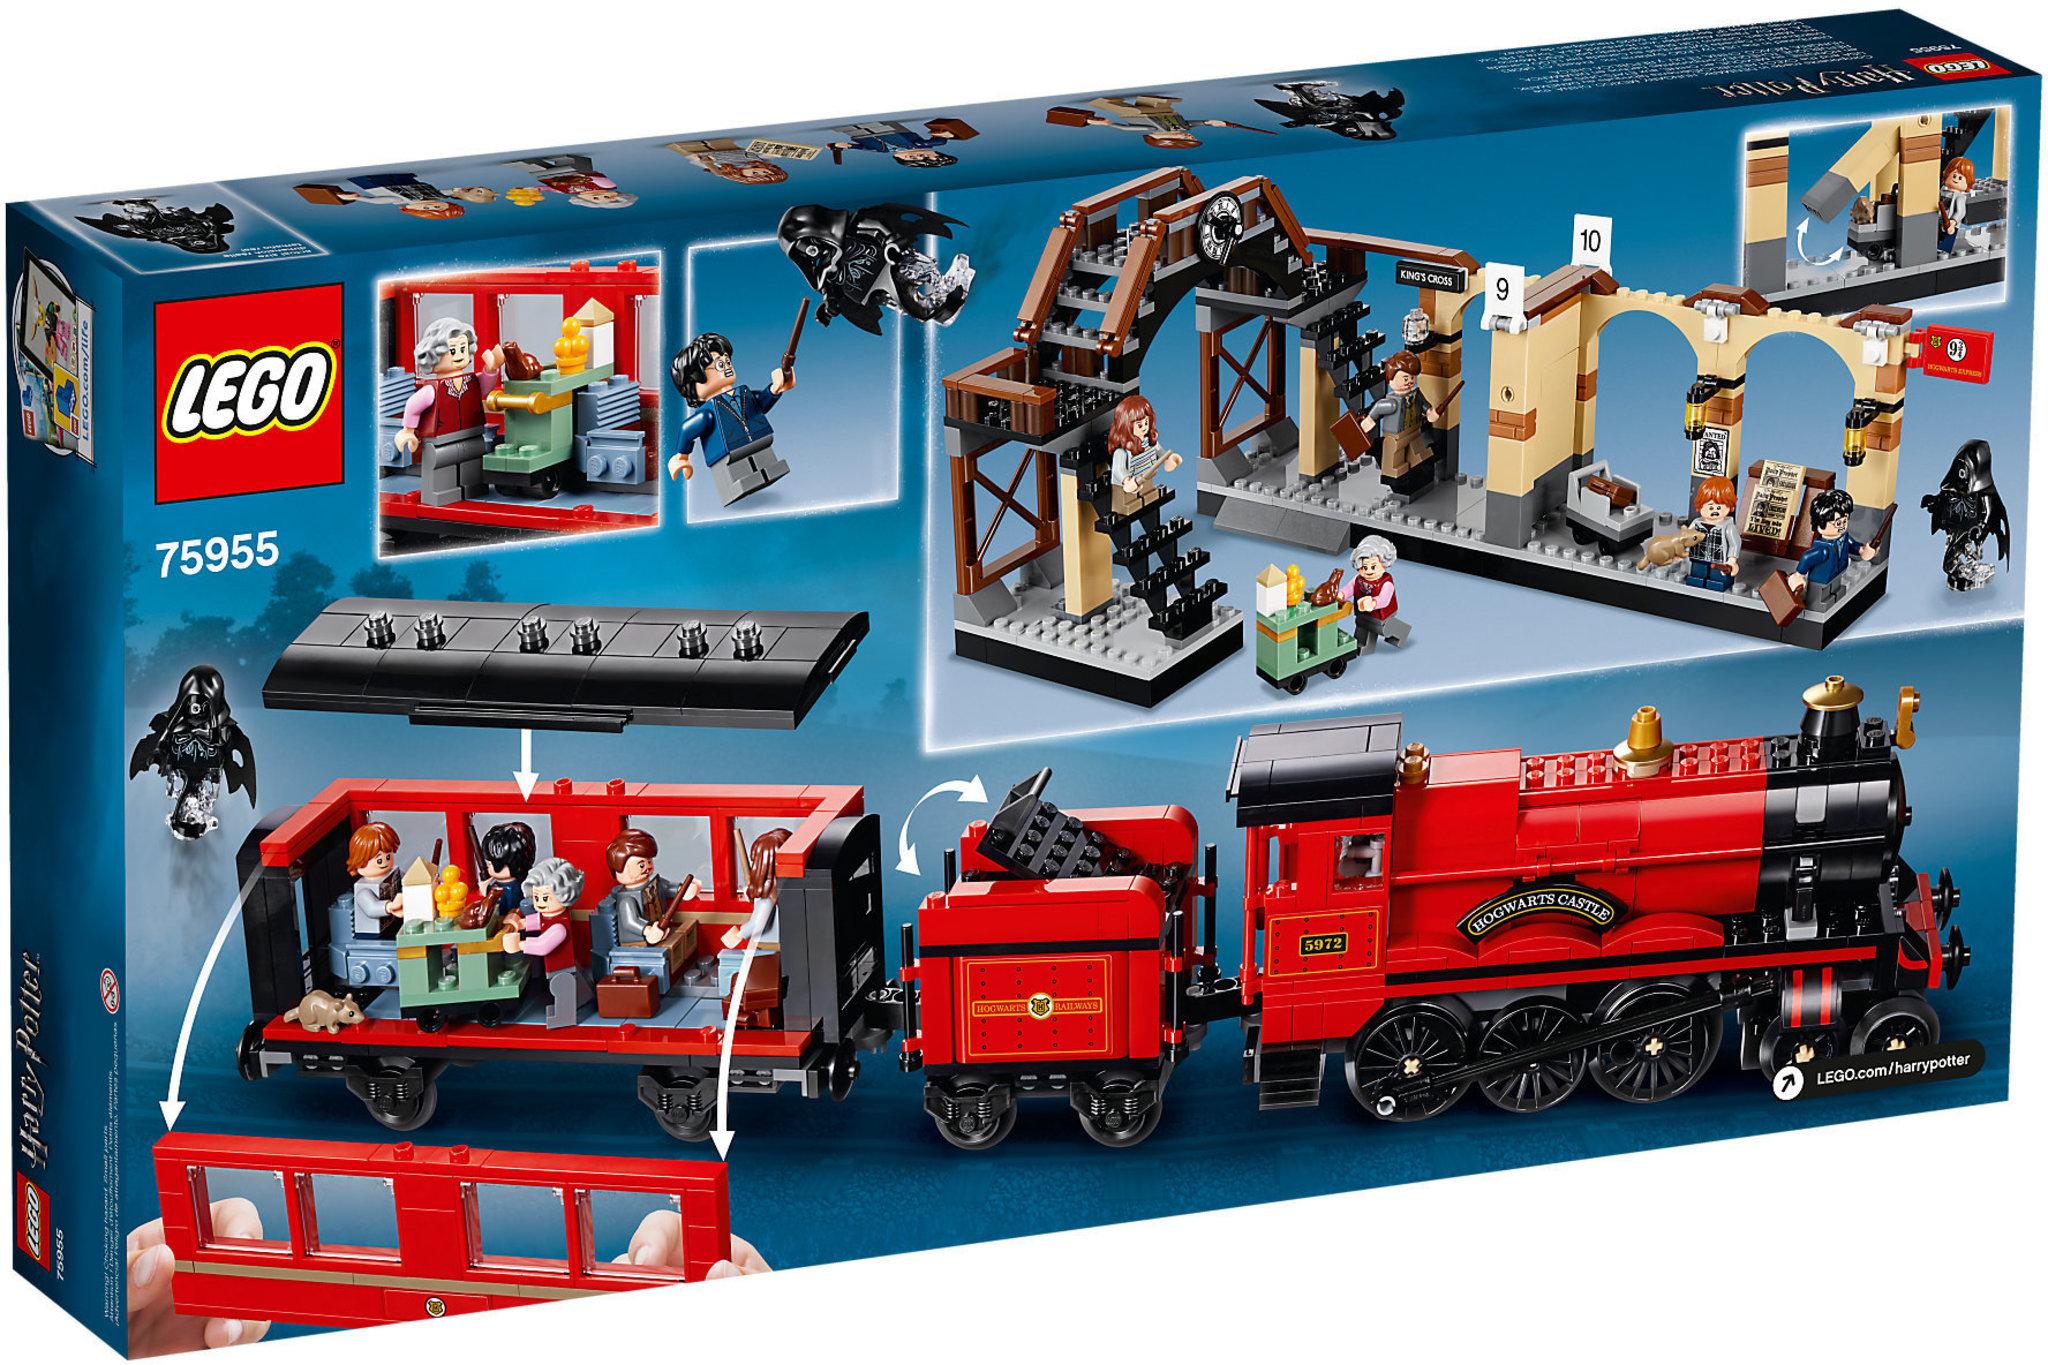 Lego 75955 Potter Hogwarts Harry 75955 Harry Potter Lego BexCod